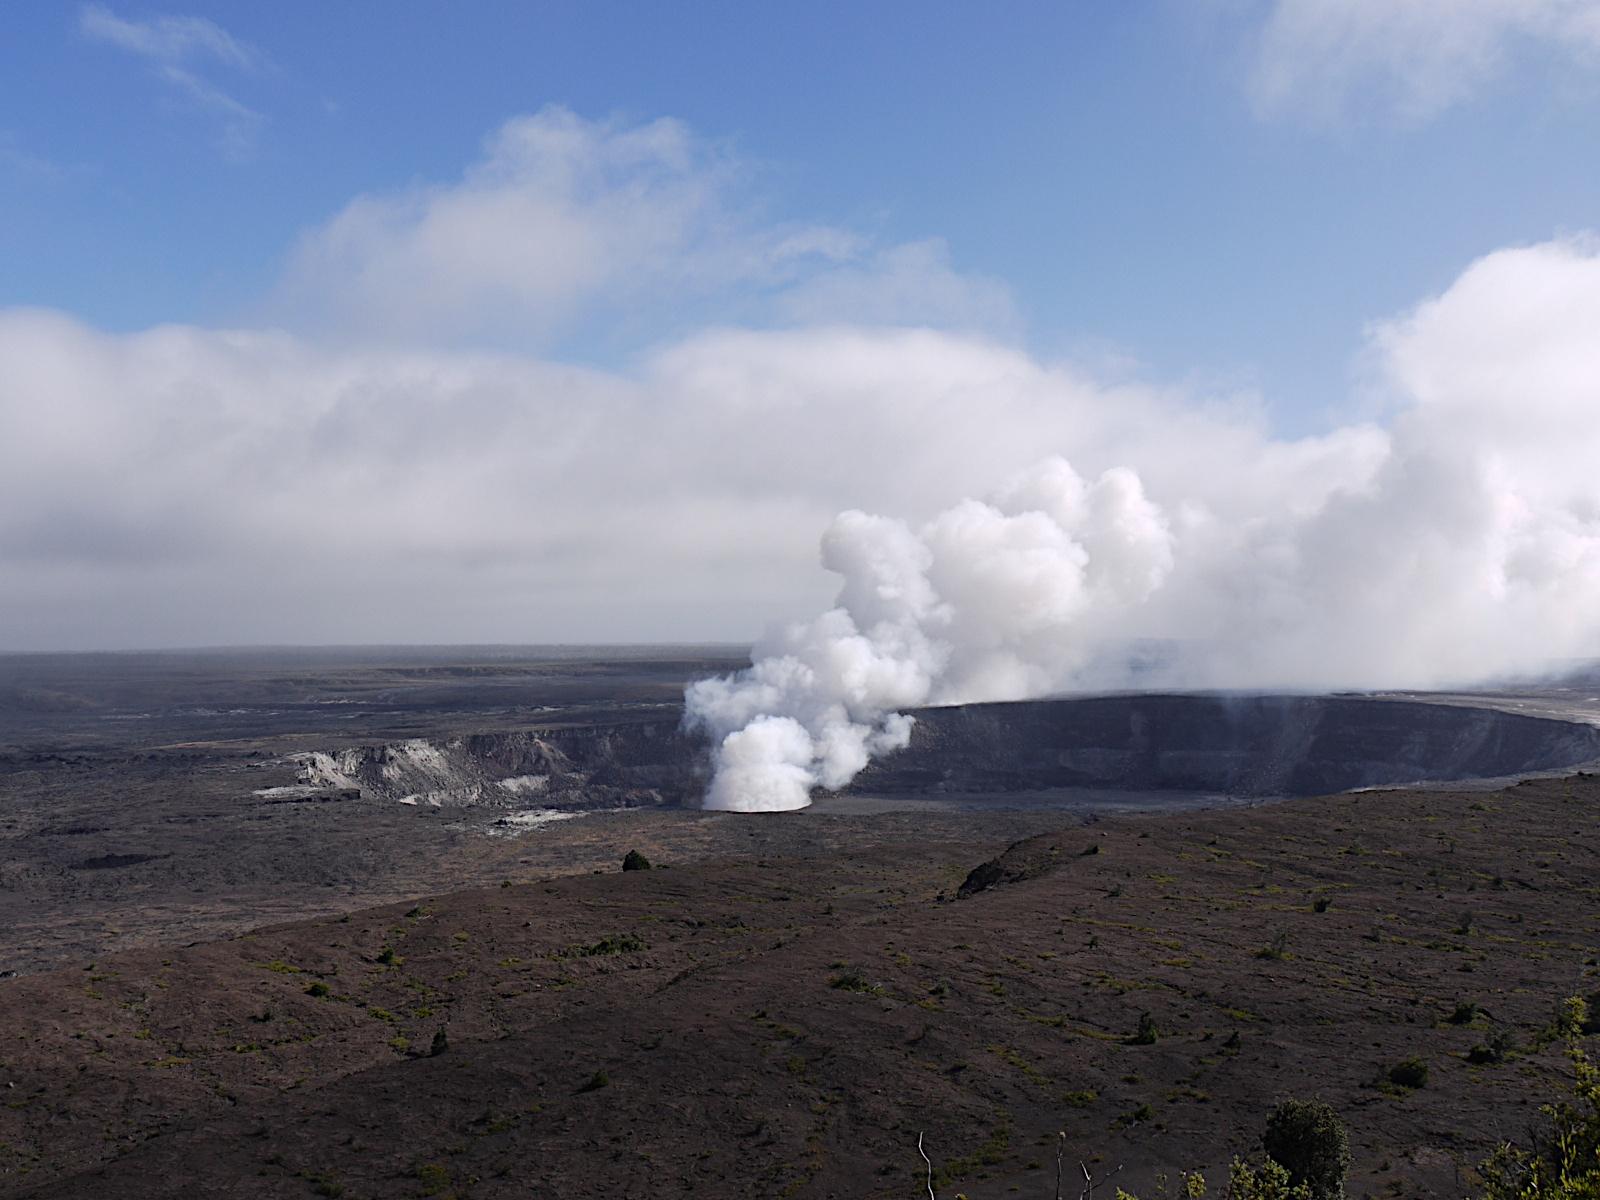 ミチヨ、ハワイへ行く④〜キラウエア火山とカラパナ